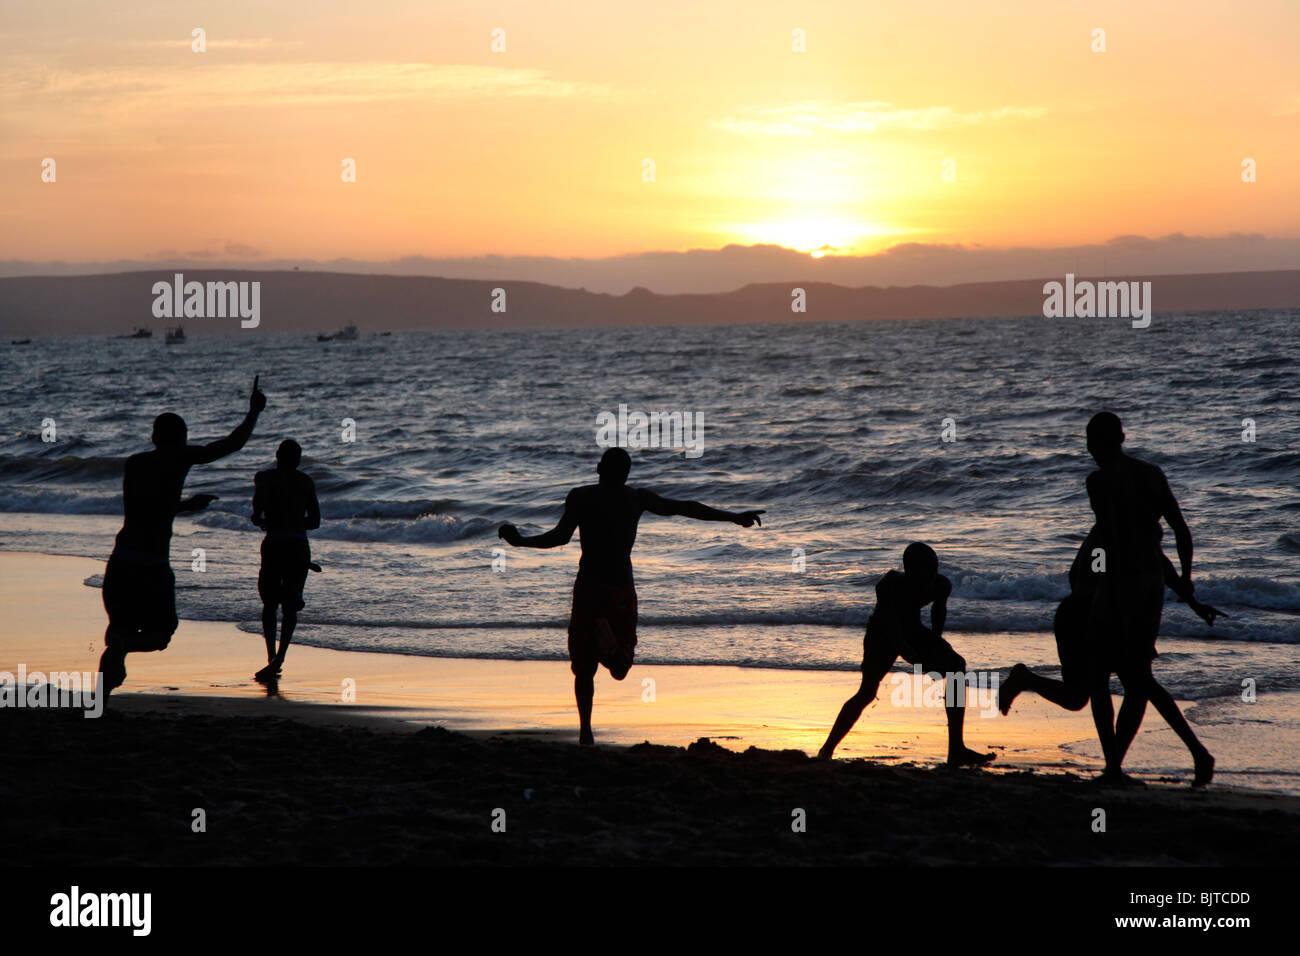 Gli amici che giocano a calcio sulla spiaggia al tramonto del sole. La città di Benguela beach, Angola. Africa Immagini Stock